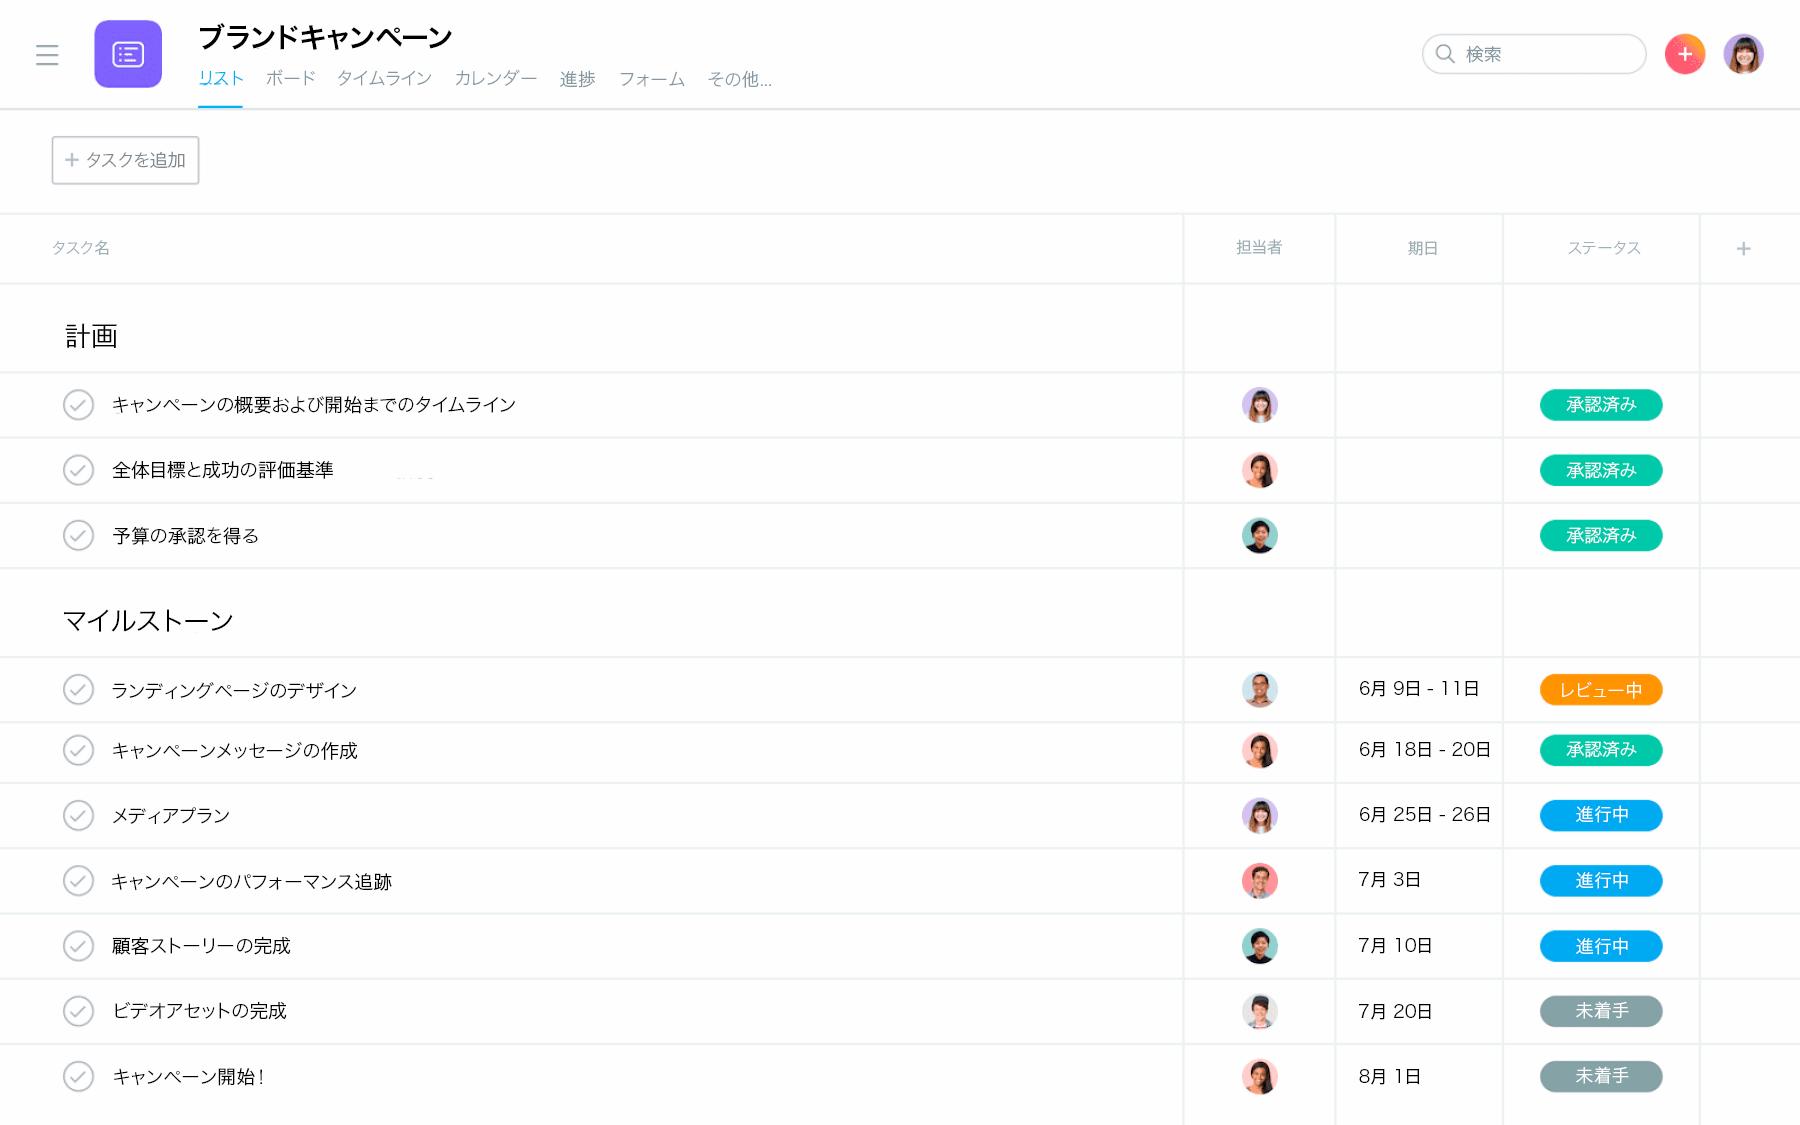 [リストビュー] Asana を使ったブランドキャンペーンプロジェクト計画 (スプレッドシートタイプのリスト)